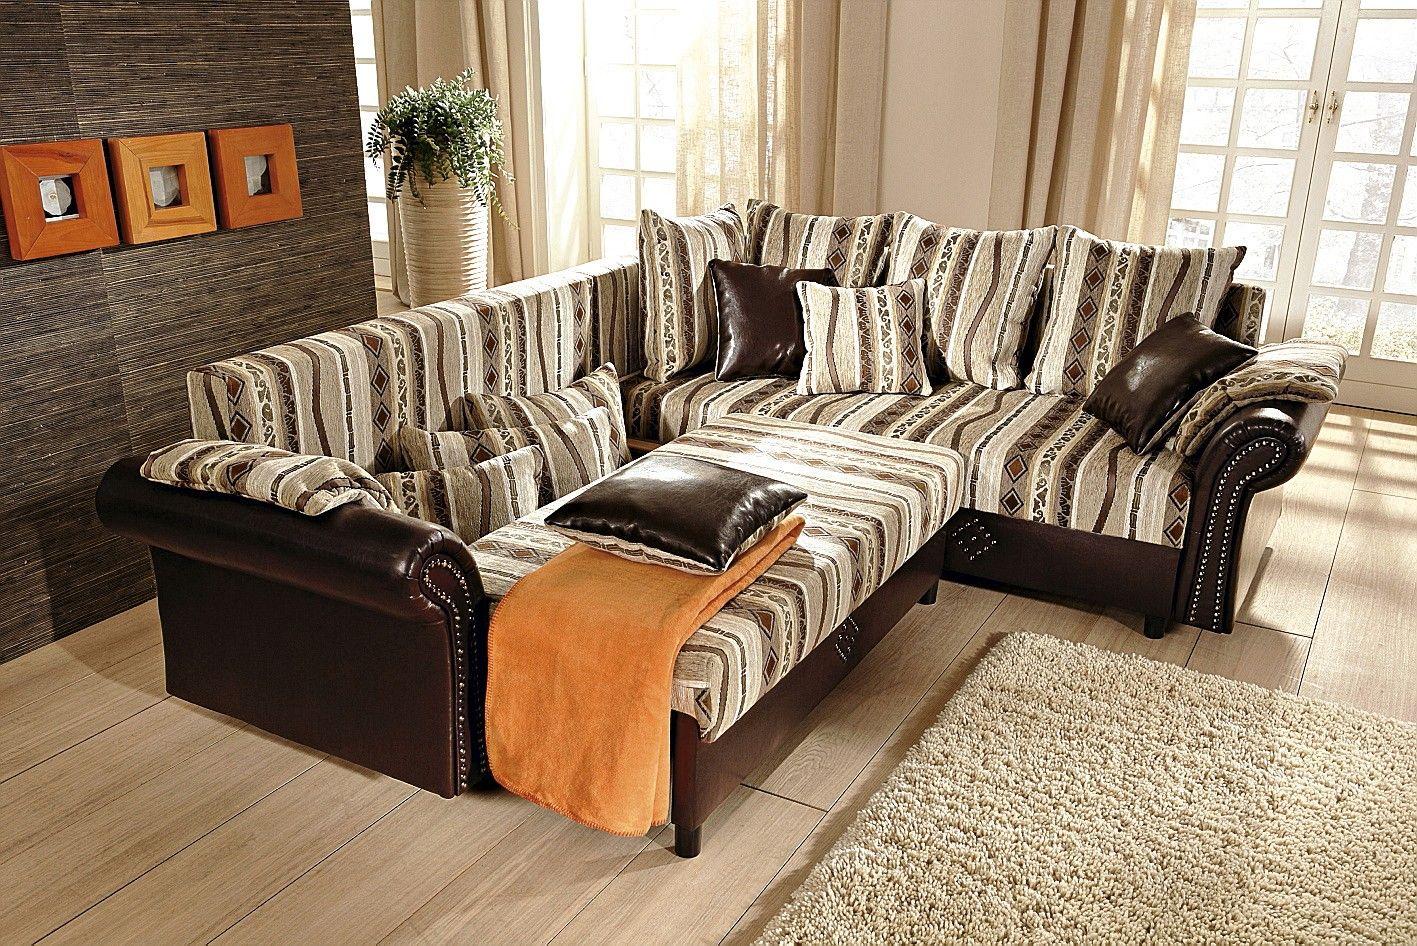 Full Size of Suche Wohnzimmer Liegen Liegewiese Liege Elektrisch Liegestuhl Ikea Kaufen Verstellbar Stylische Relax Liegesessel Designer Leder Mit Ausziehbarem Sofa Wohnzimmer Wohnzimmer Liege